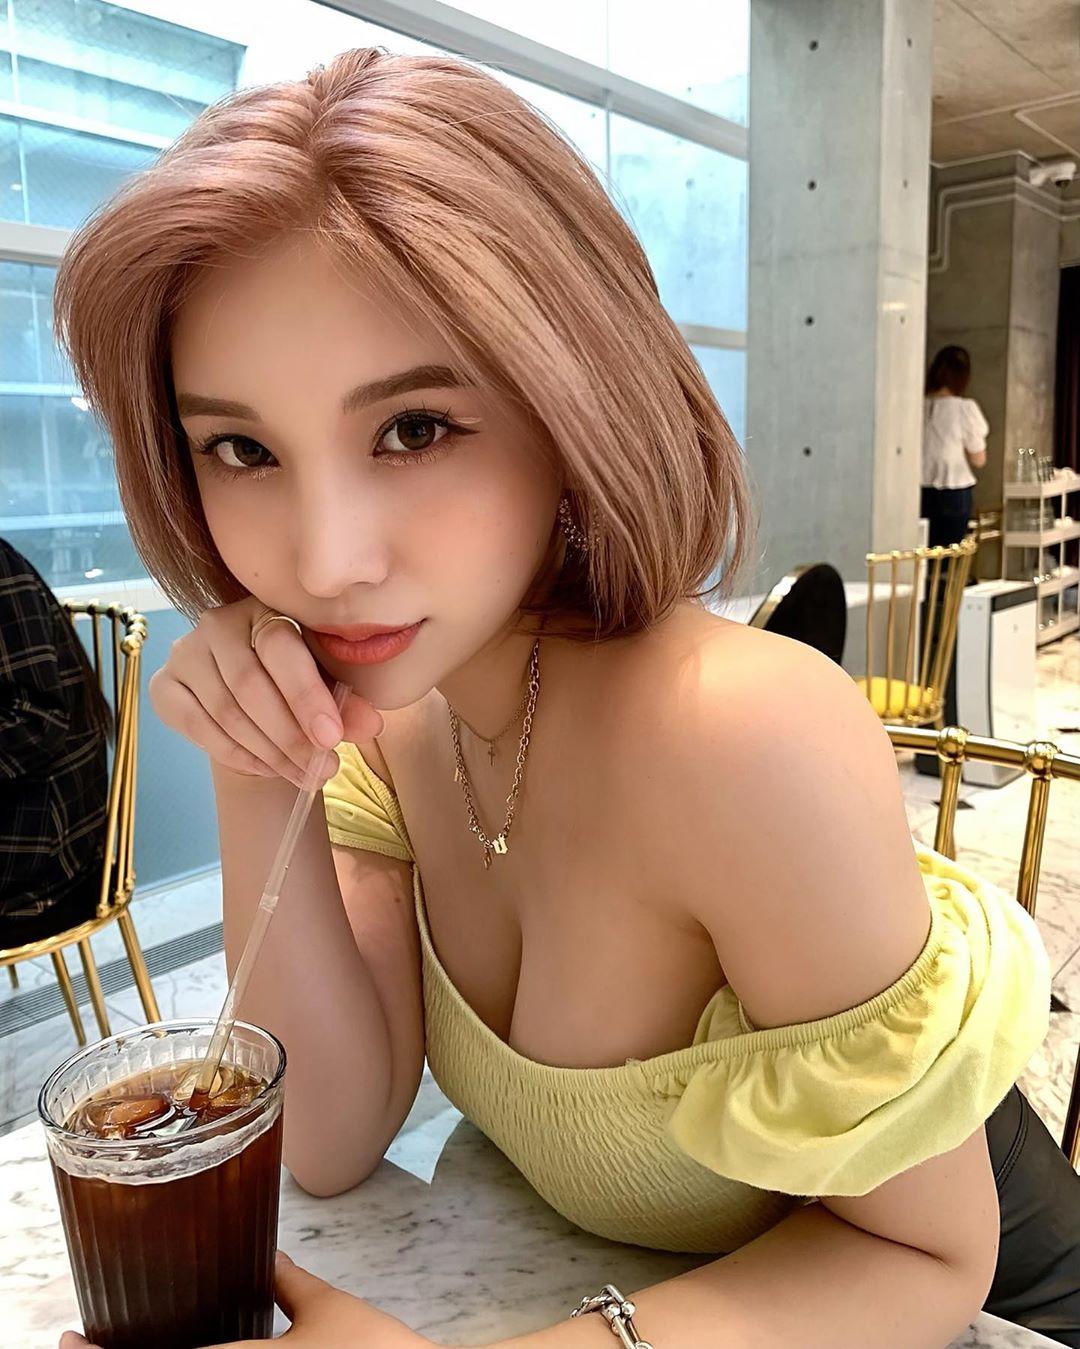 uDX2oX - IG正妹—REONA